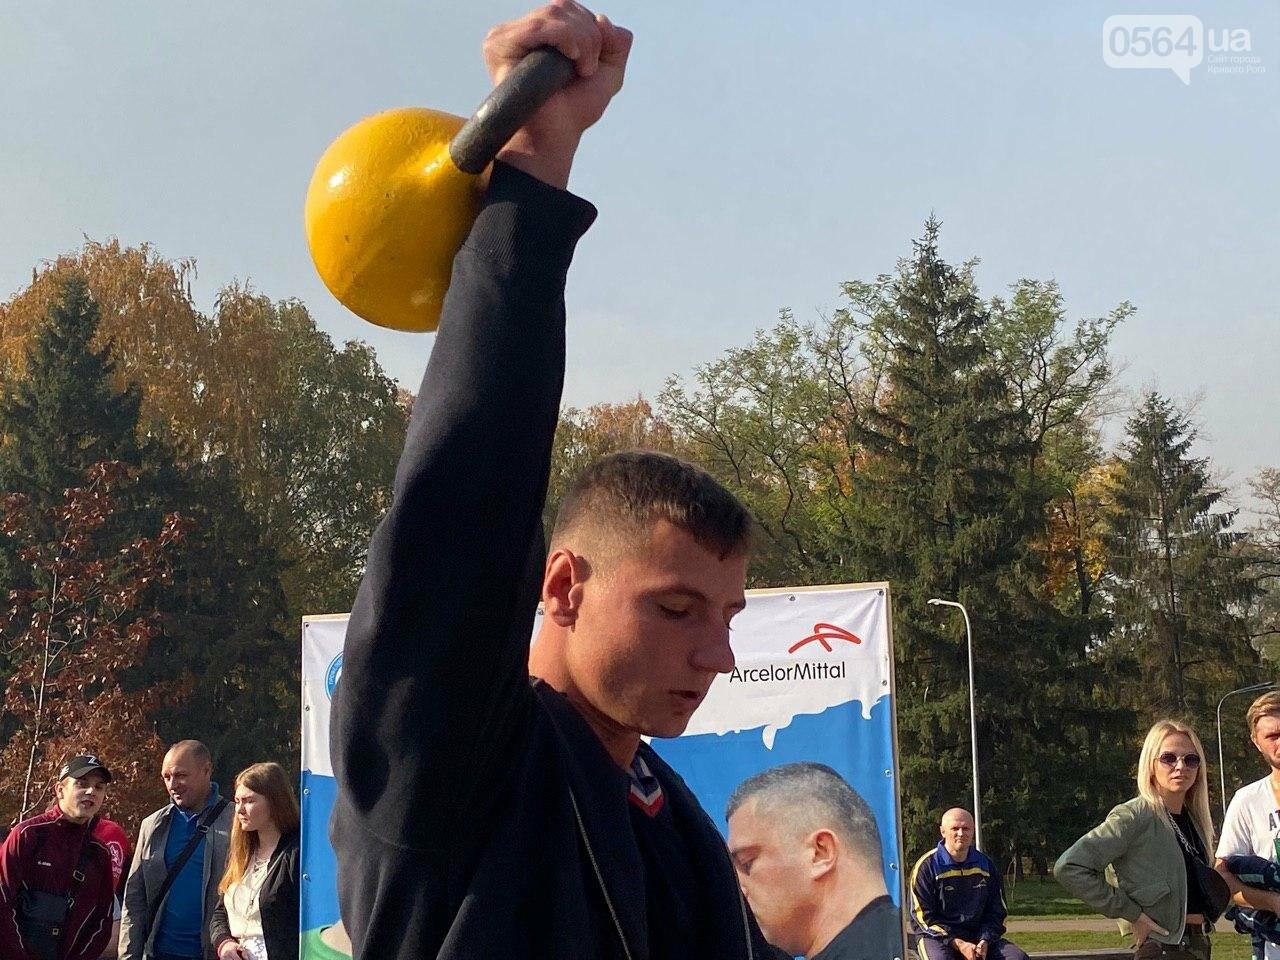 Сильные криворожские мужчины соревновались в поднятии гири, - ФОТО, ВИДЕО , фото-17